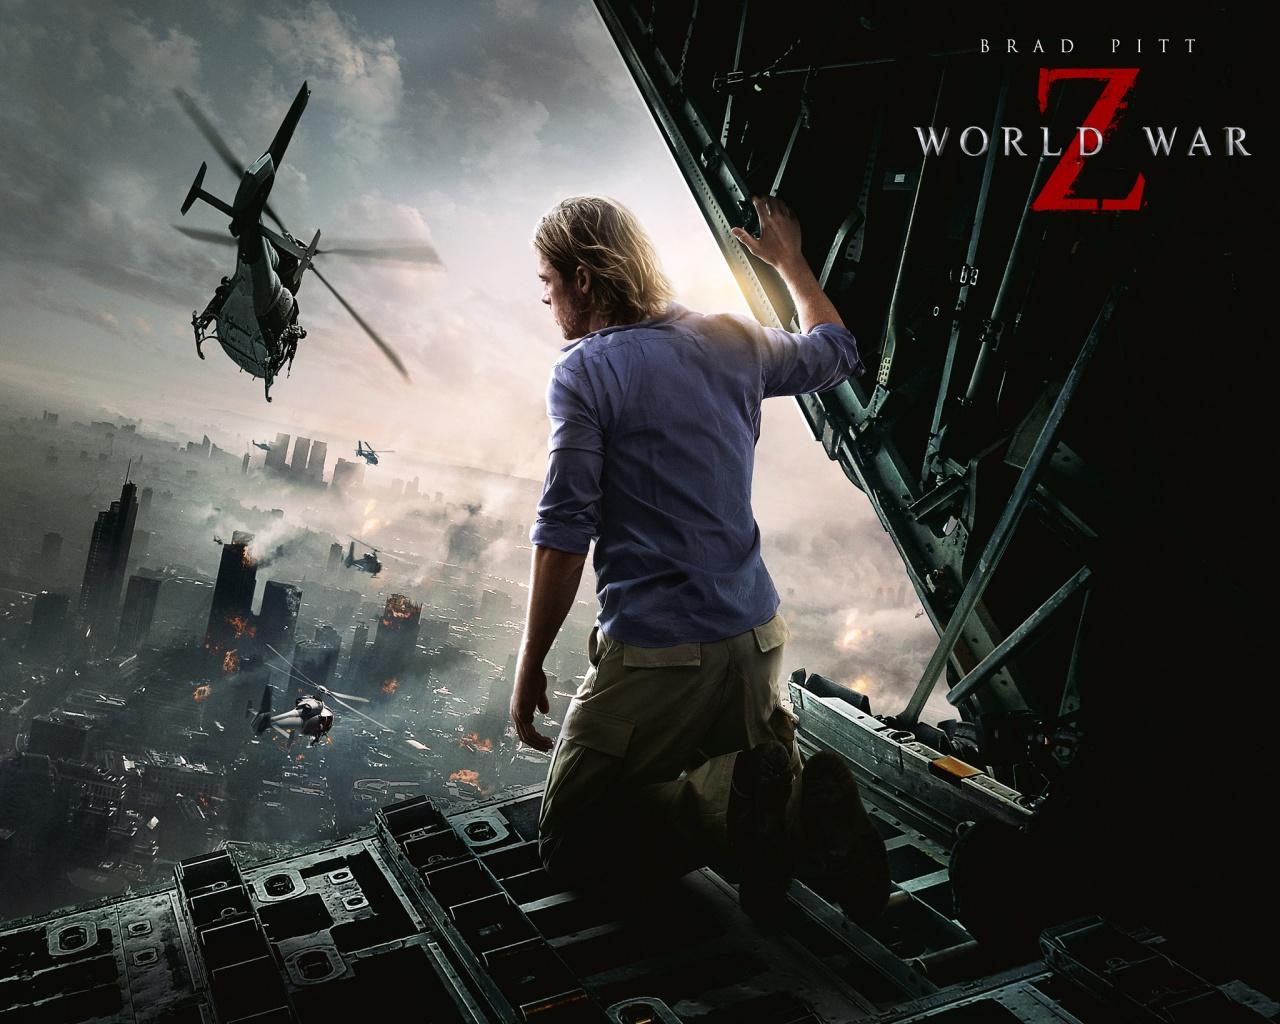 Brad Pitt World War Z Movie Wallpapers HD Wallpapers 1280x1024